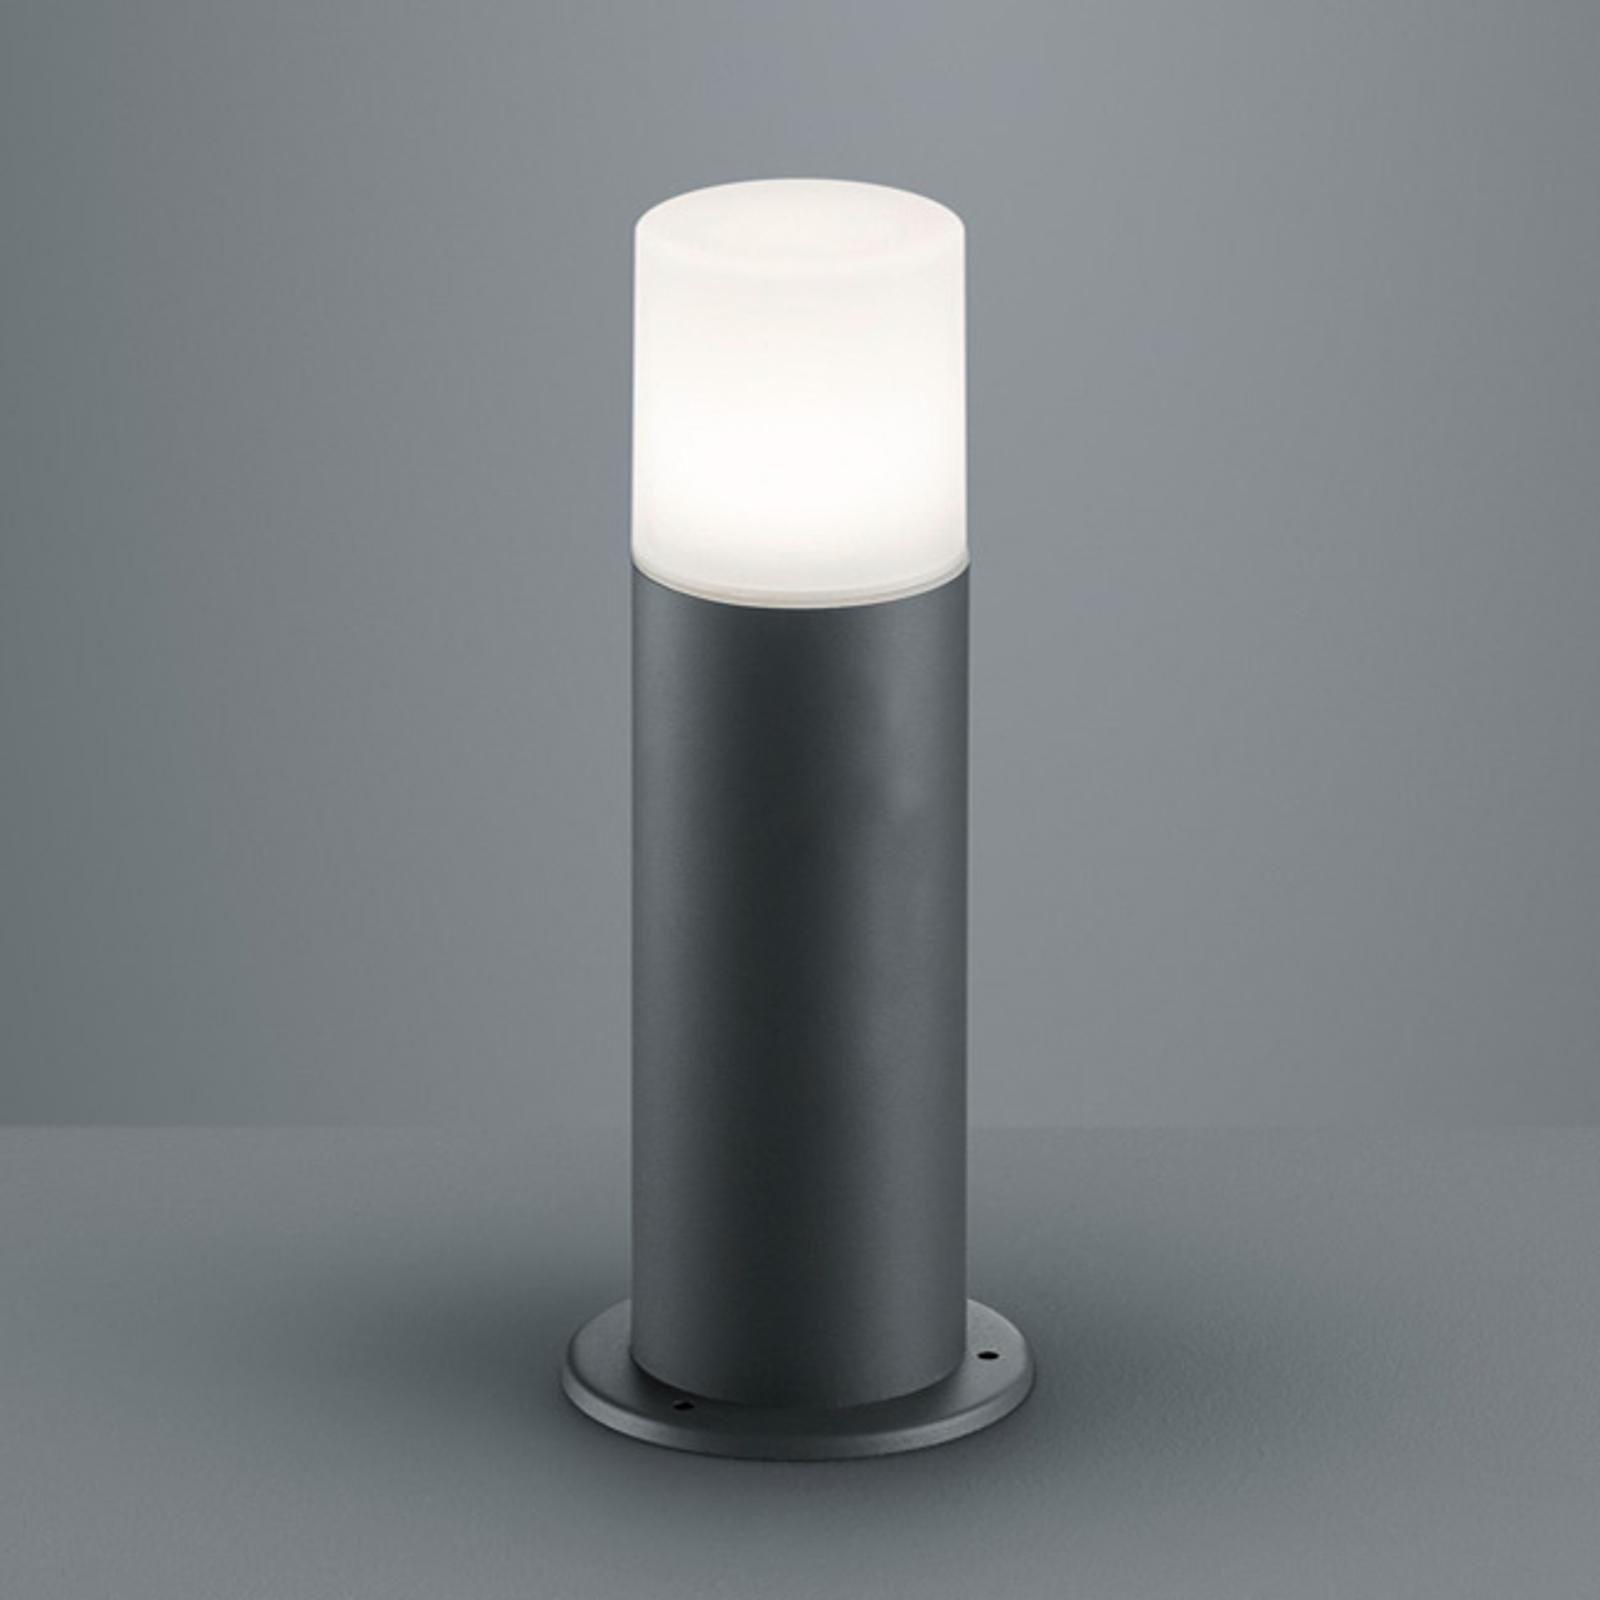 Lampioncino Hoosic alluminio pressofuso, antracite